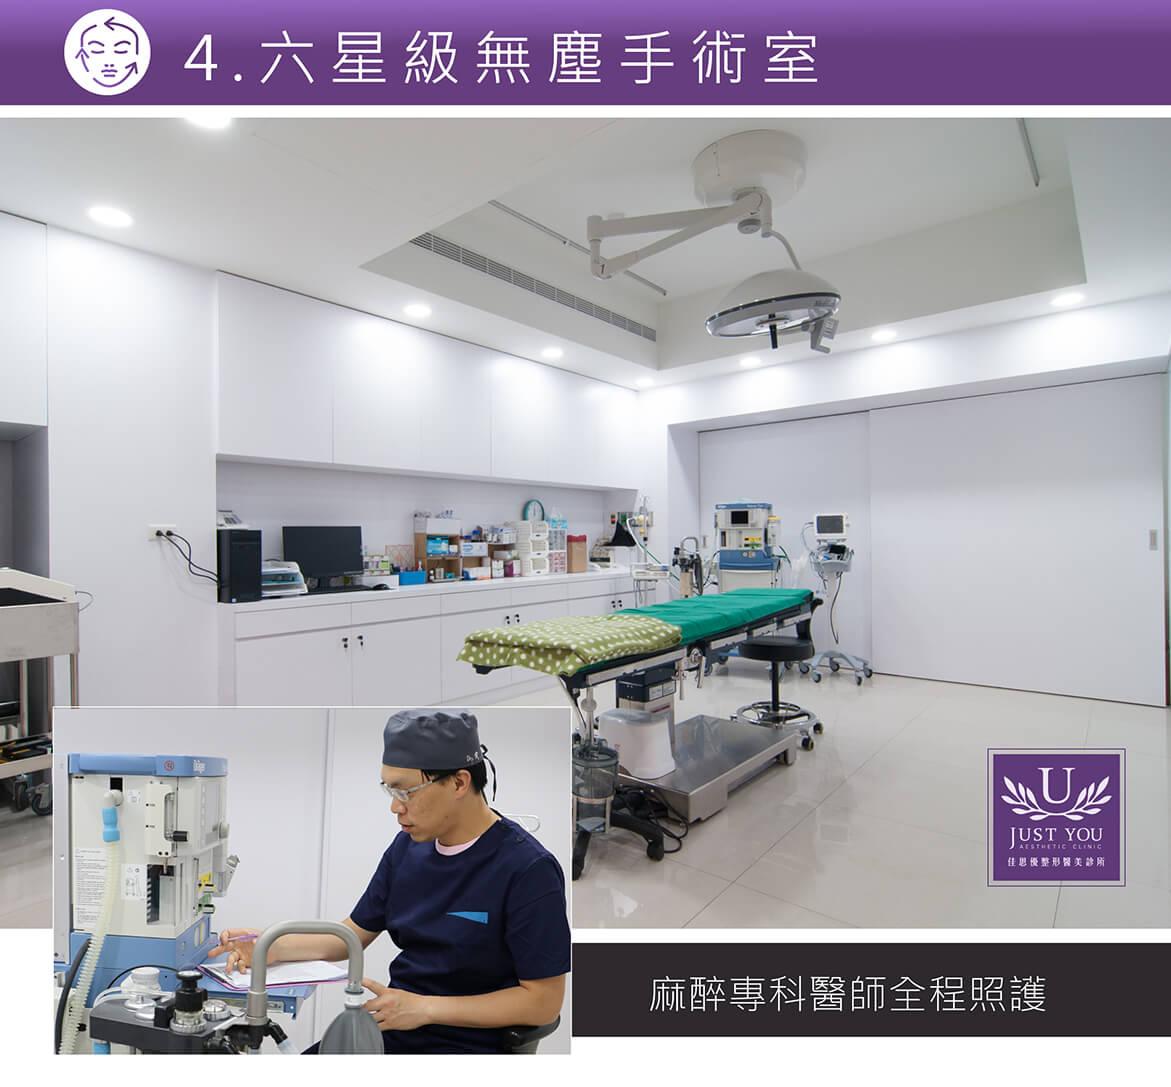 拉皮過程麻醉醫師全程照護